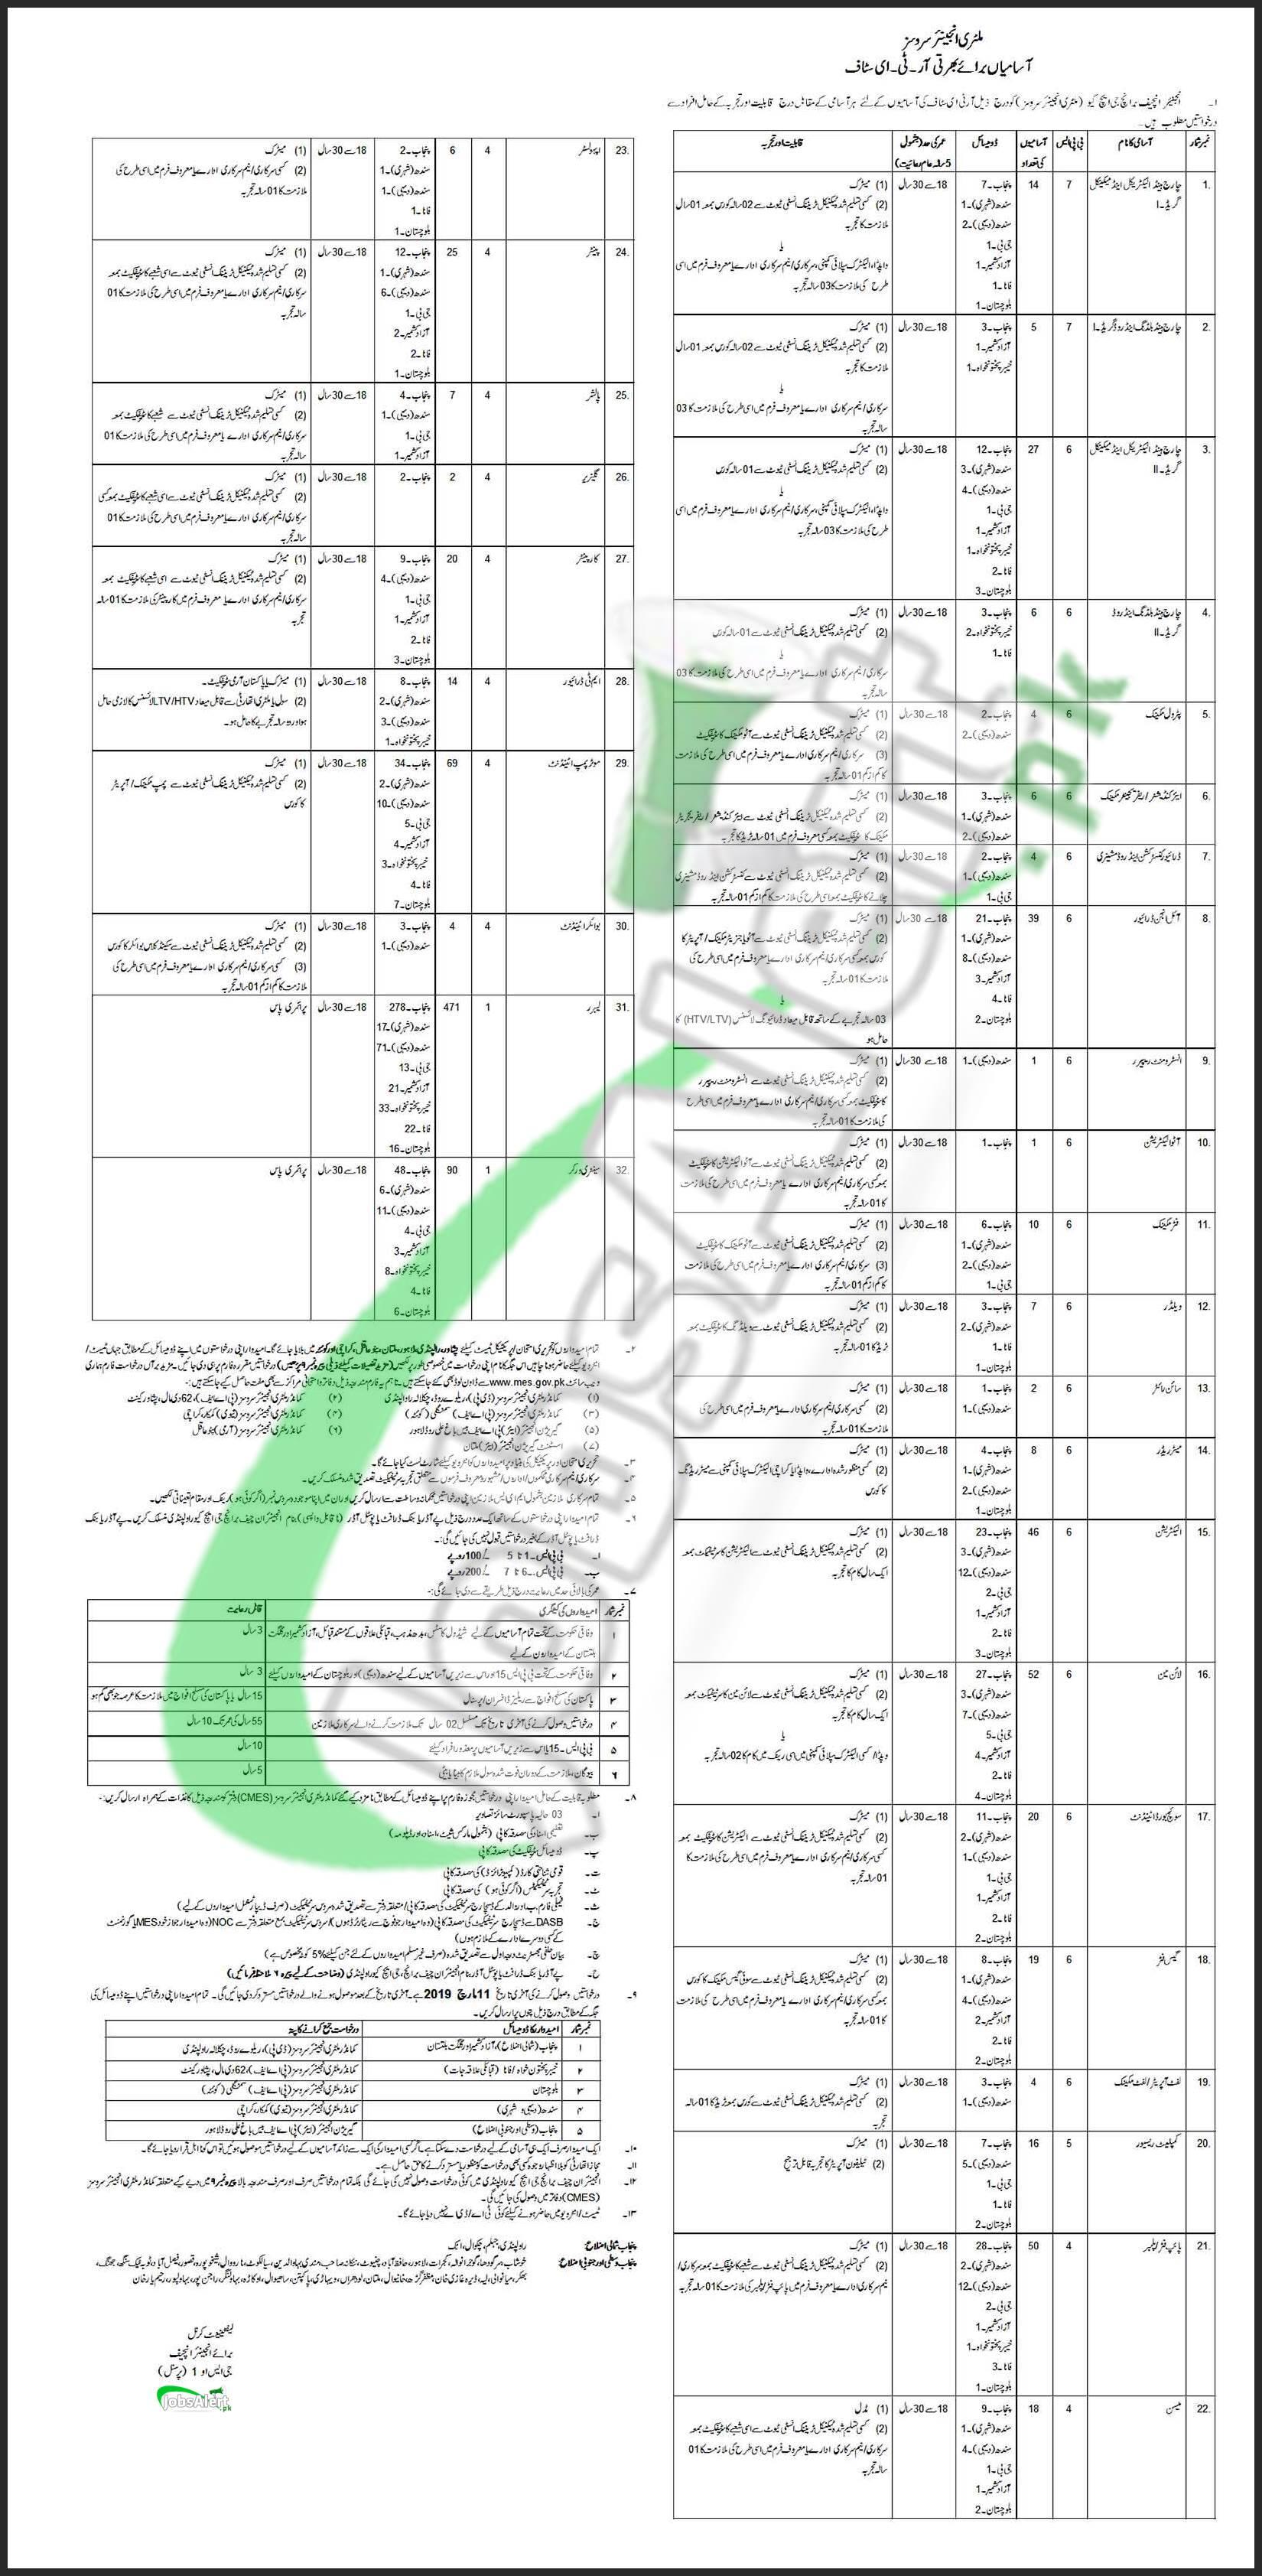 MES Jobs 2019Join Pak Army Jobs 2019 at MES Military Engineer Services Rawalpindi